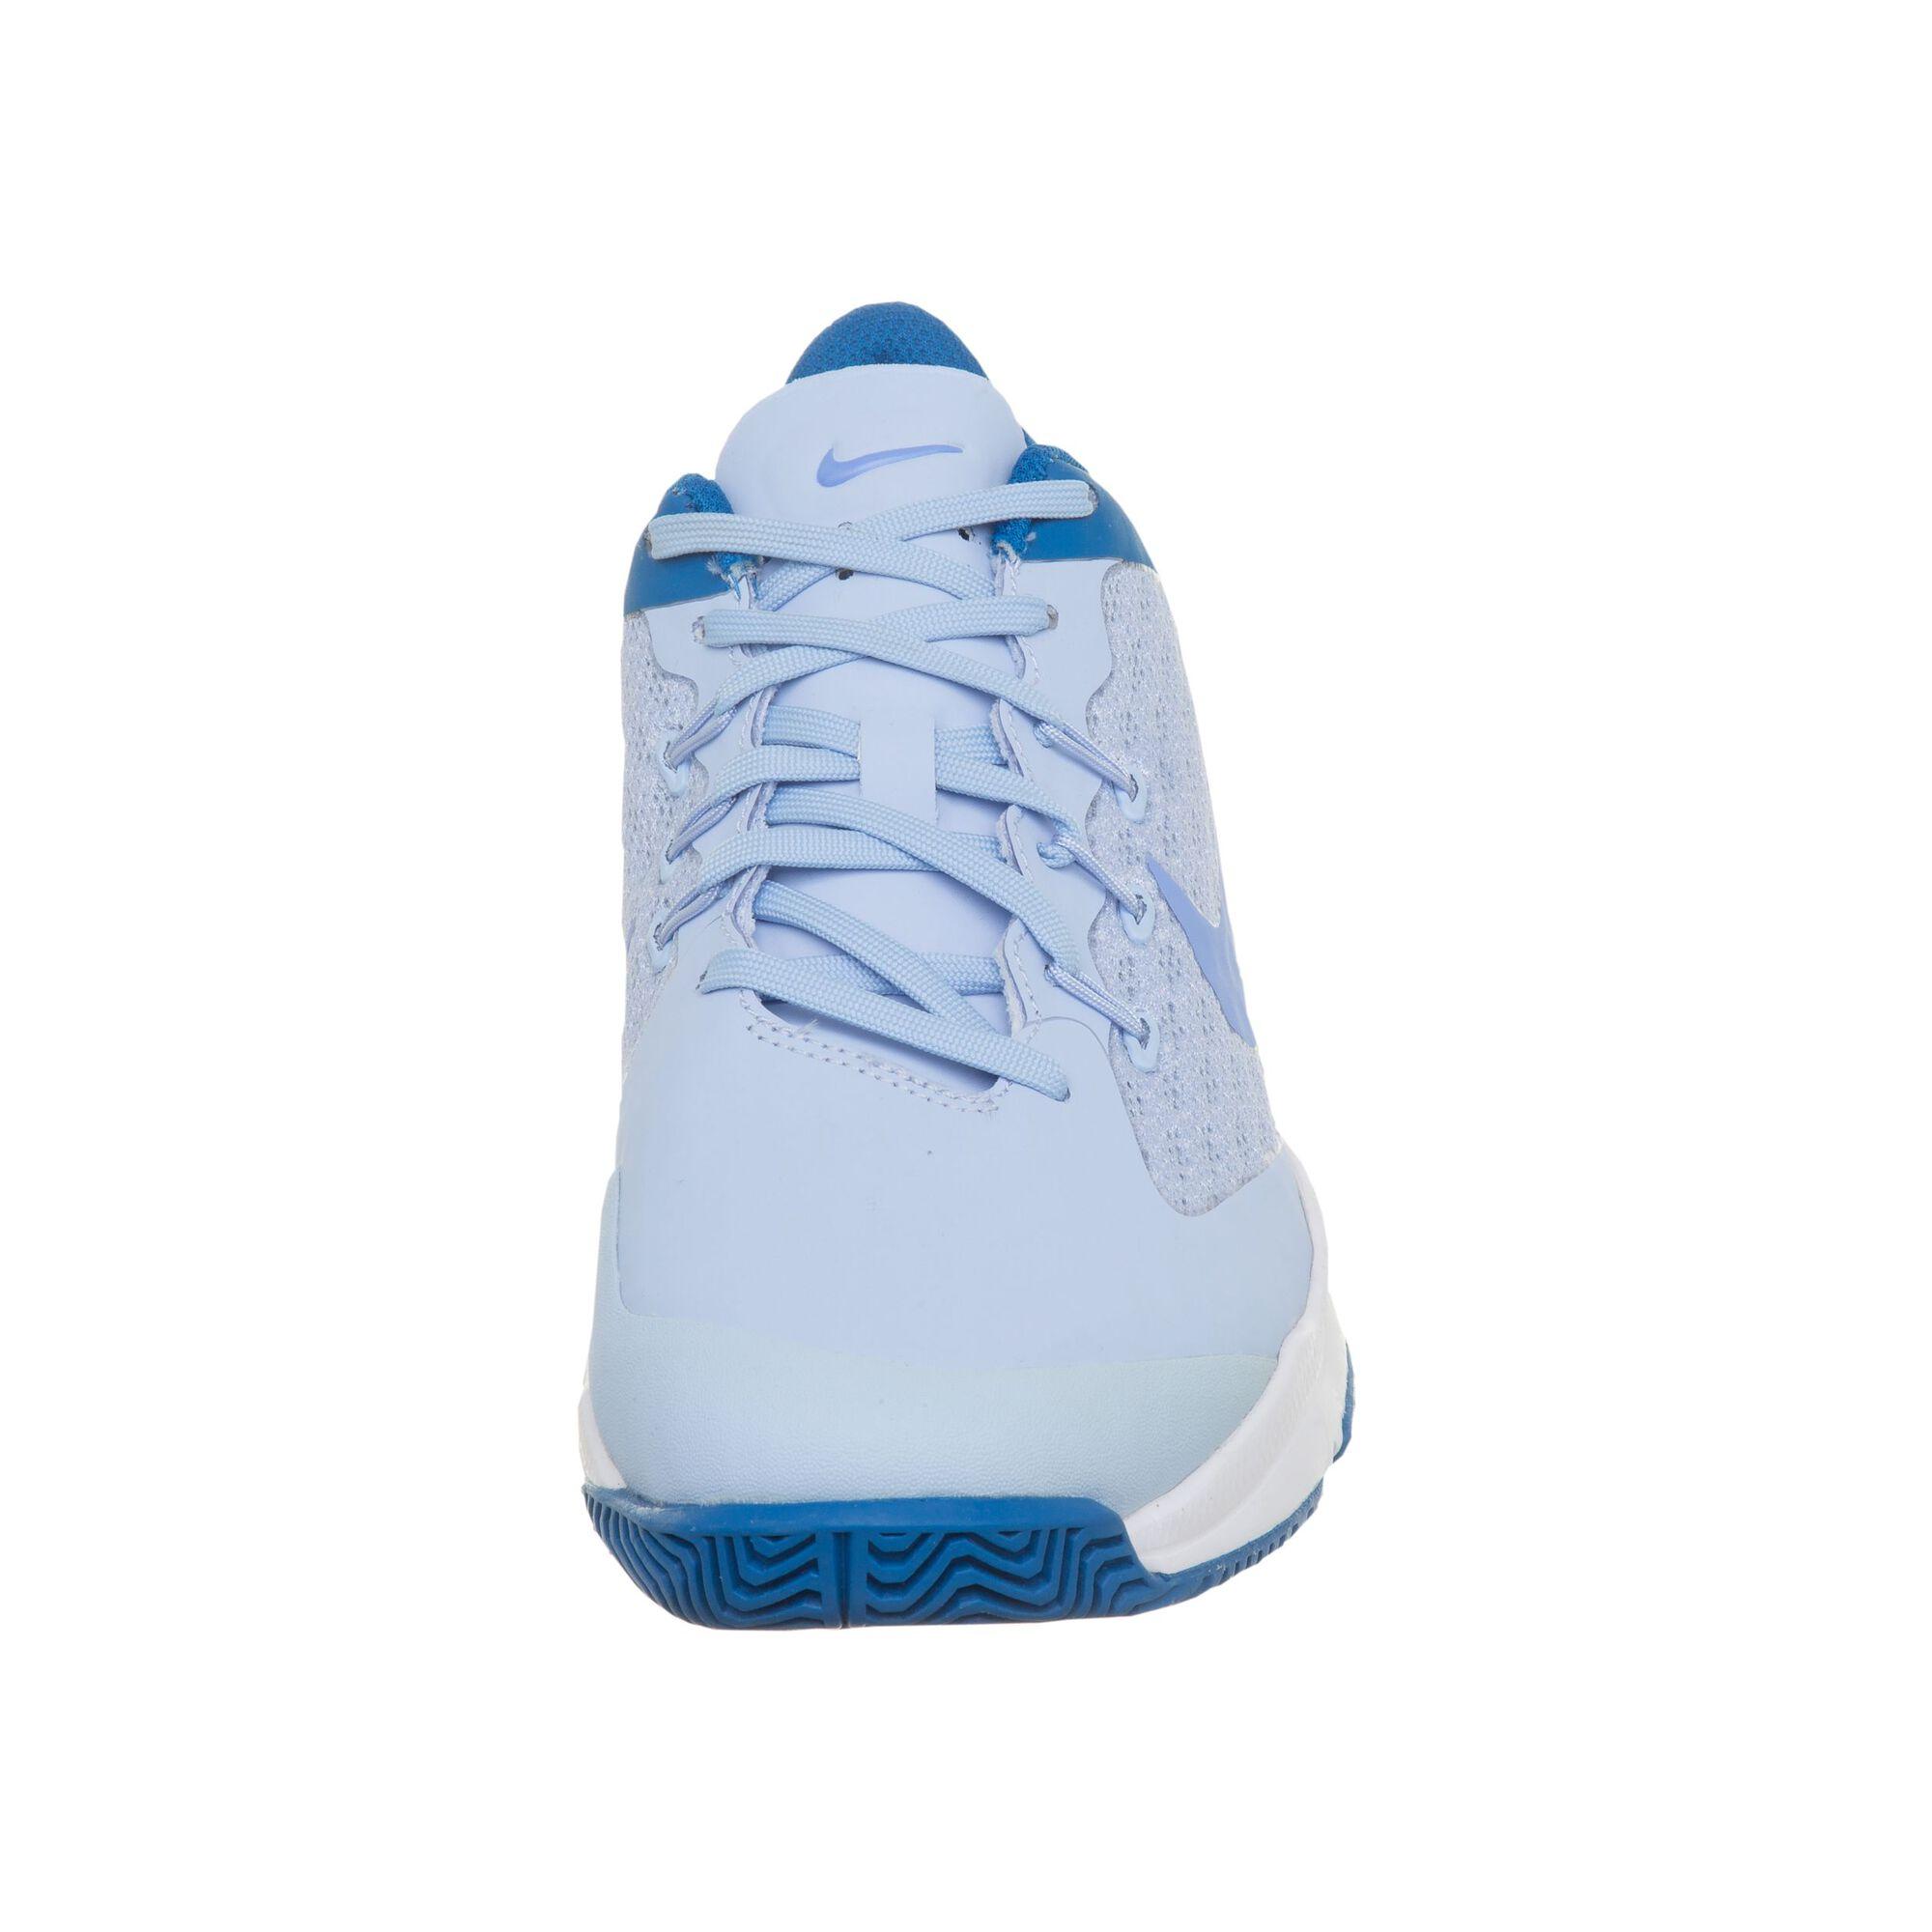 sports shoes 7f4fc 66e7c ... Nike · Nike · Nike · Nike. Air Zoom Ultra ...